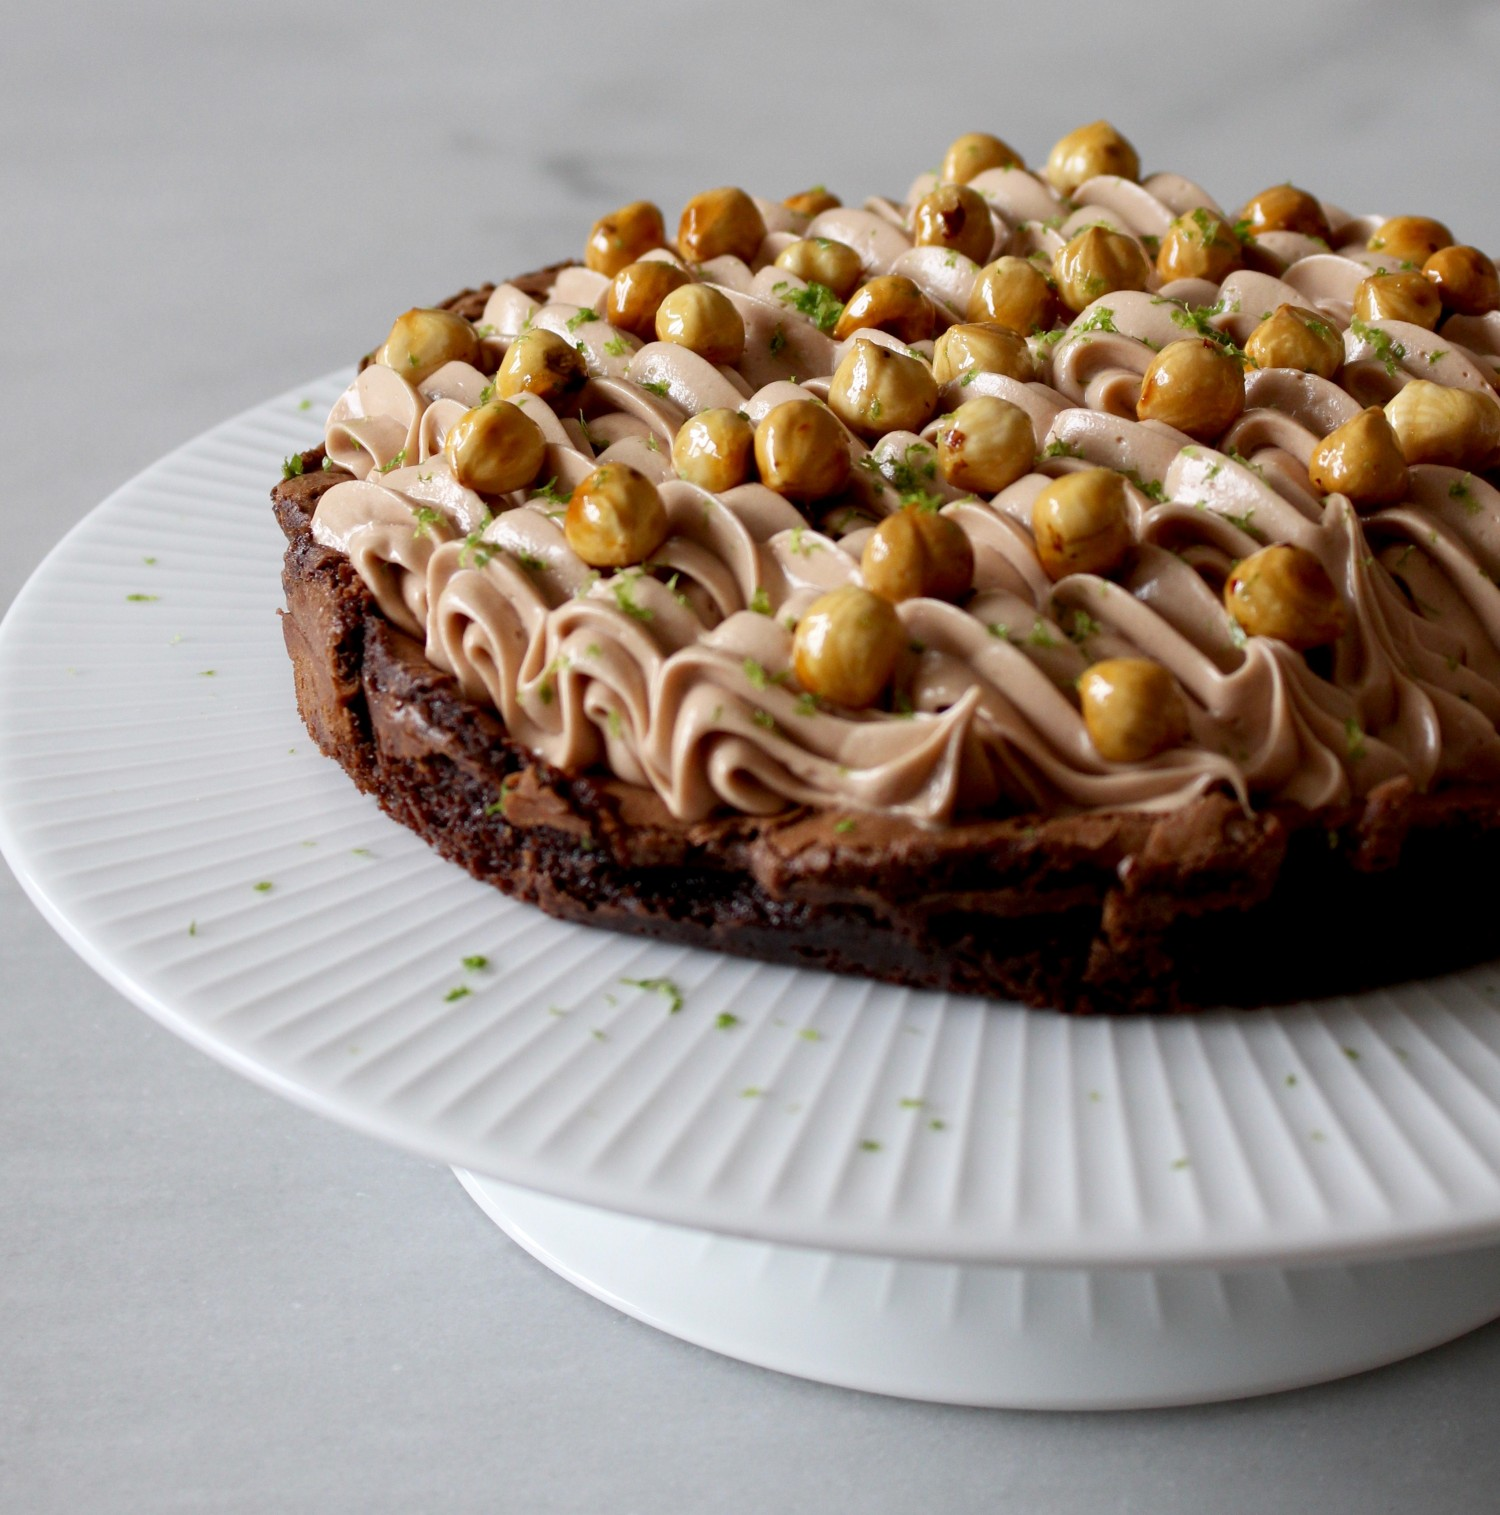 glutenfri-chokoladekage-callebaut-annemette-voss-5